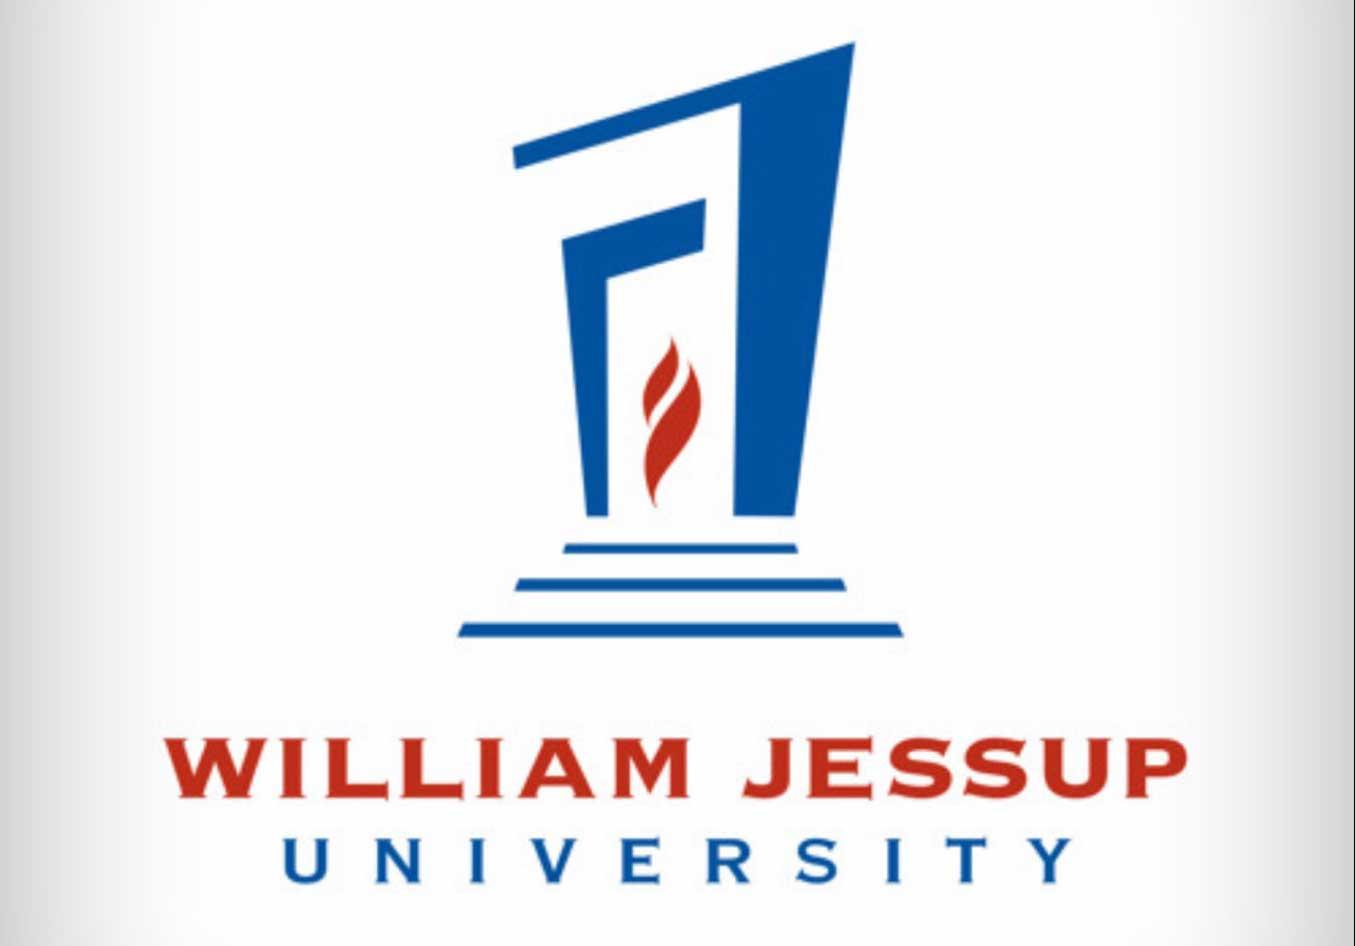 William Jessup